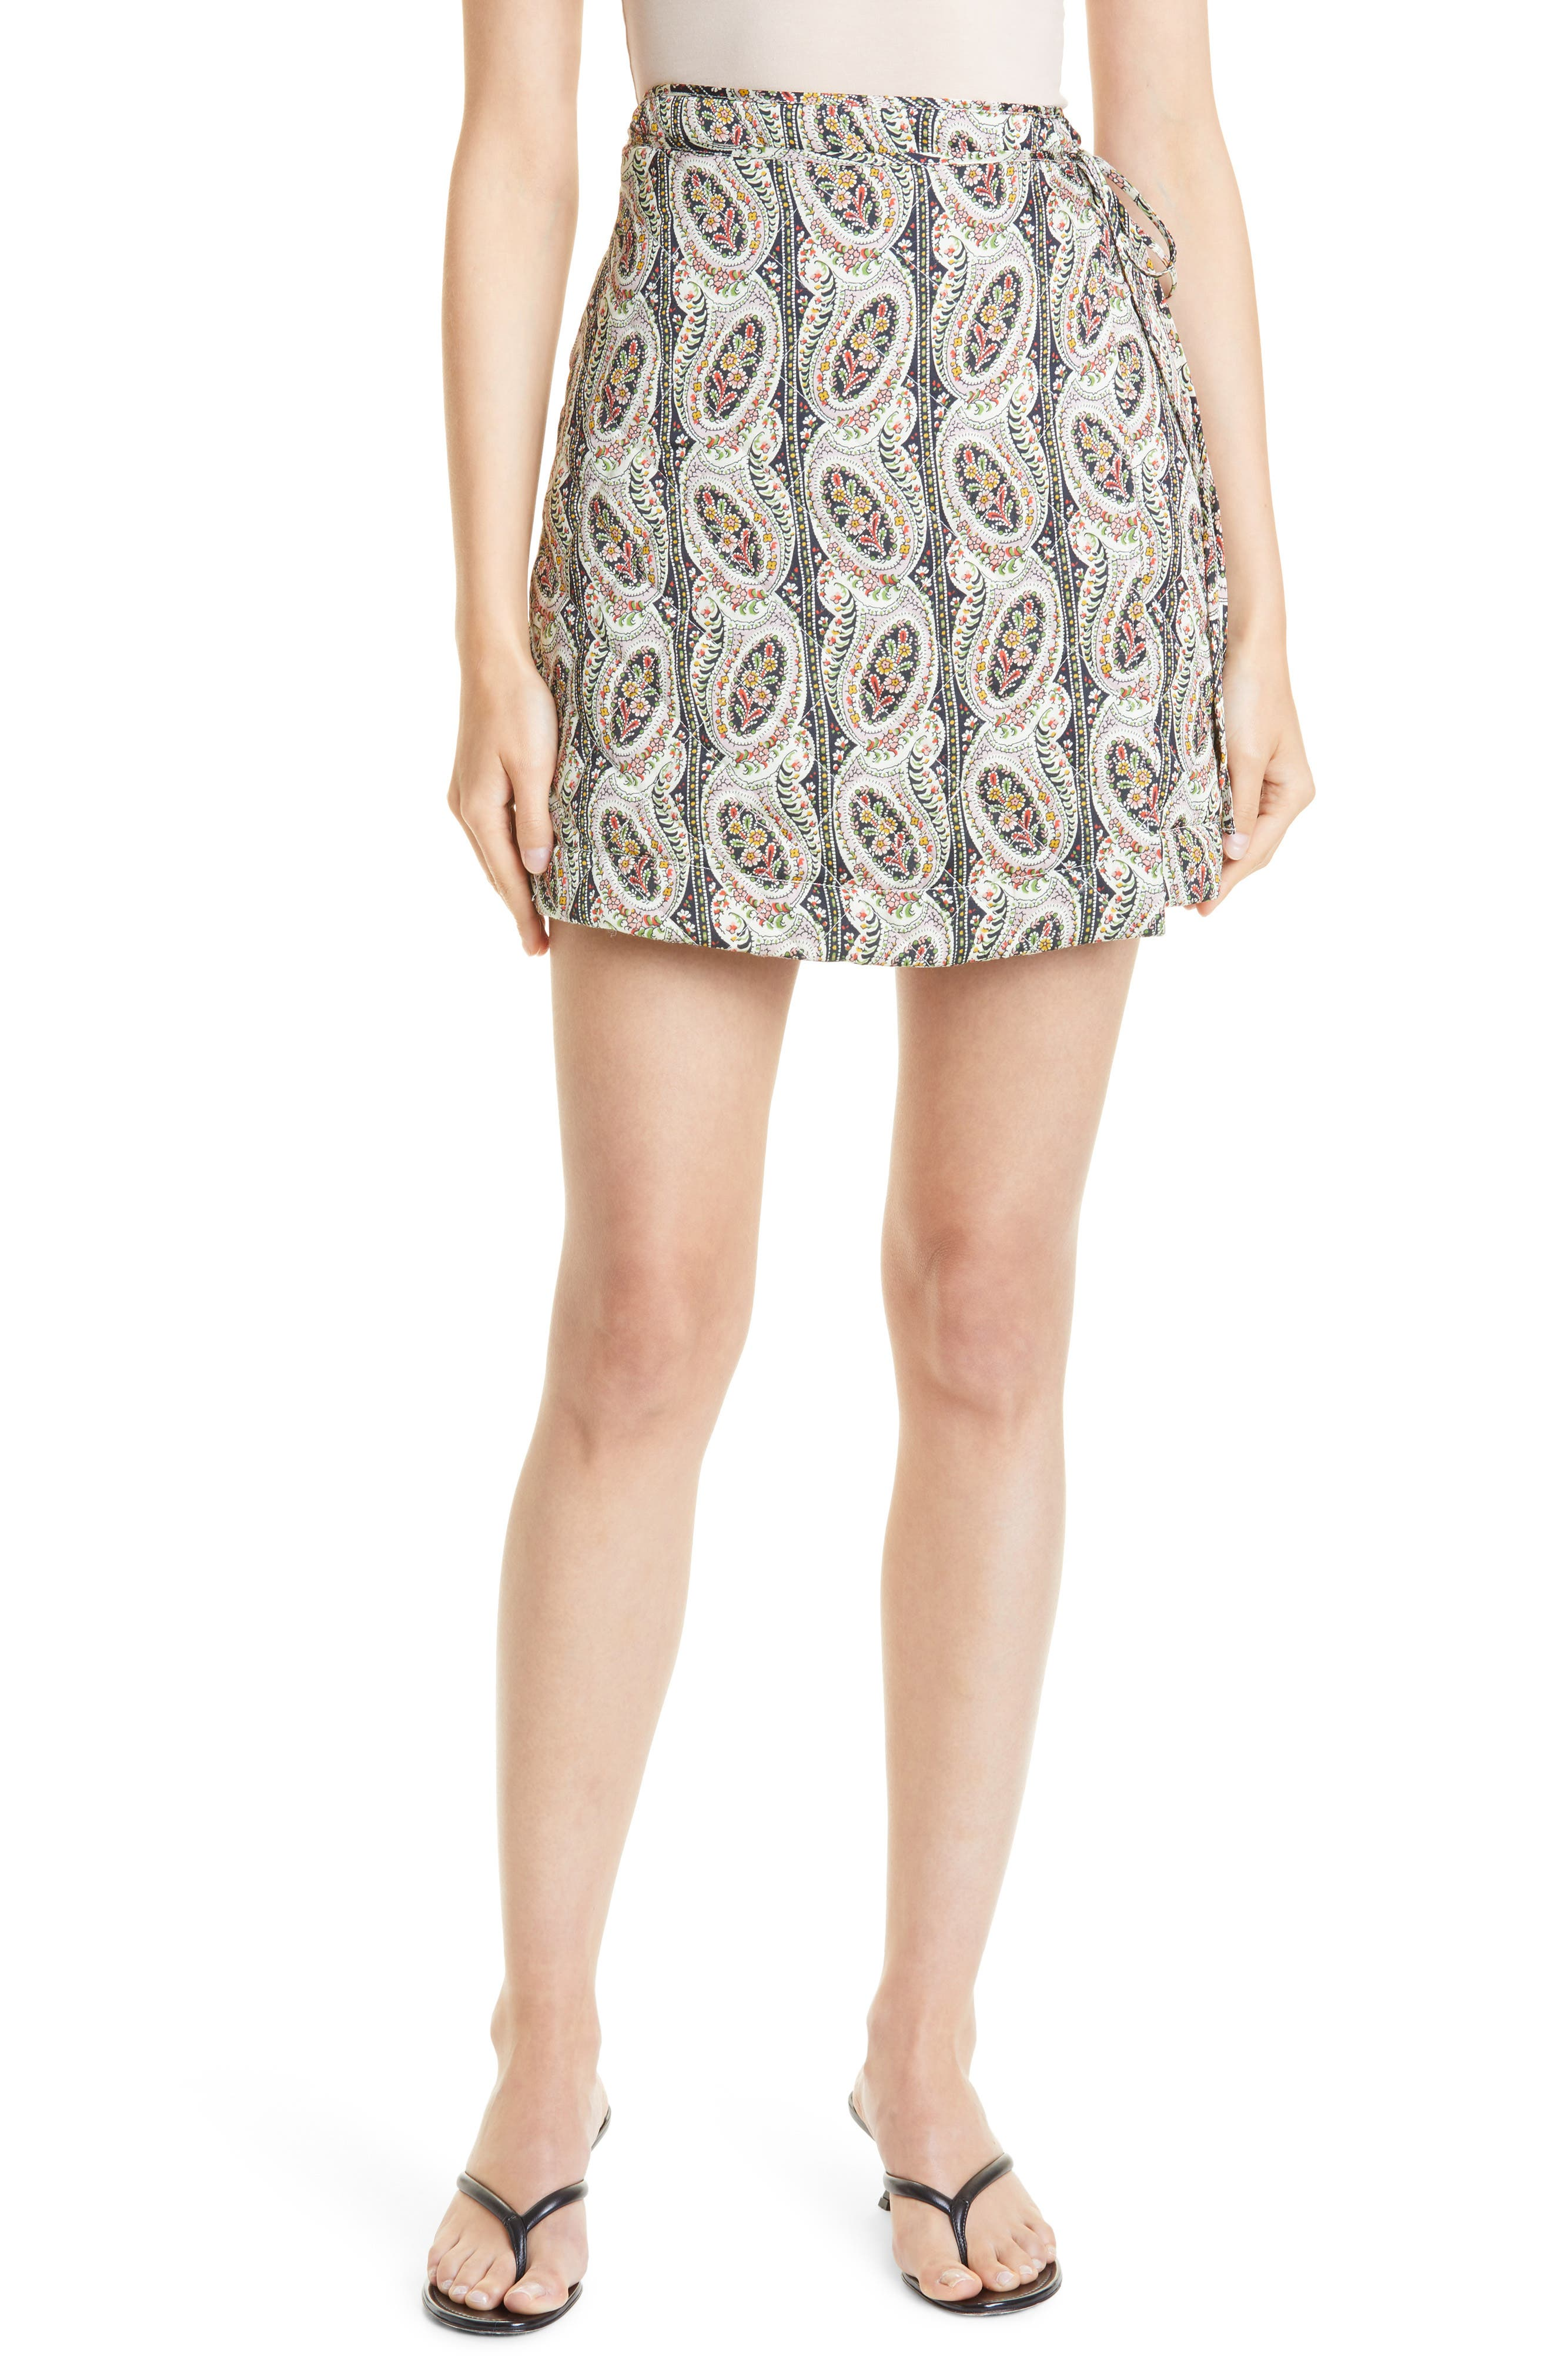 Autumn Paisley Print Wrap Skirt